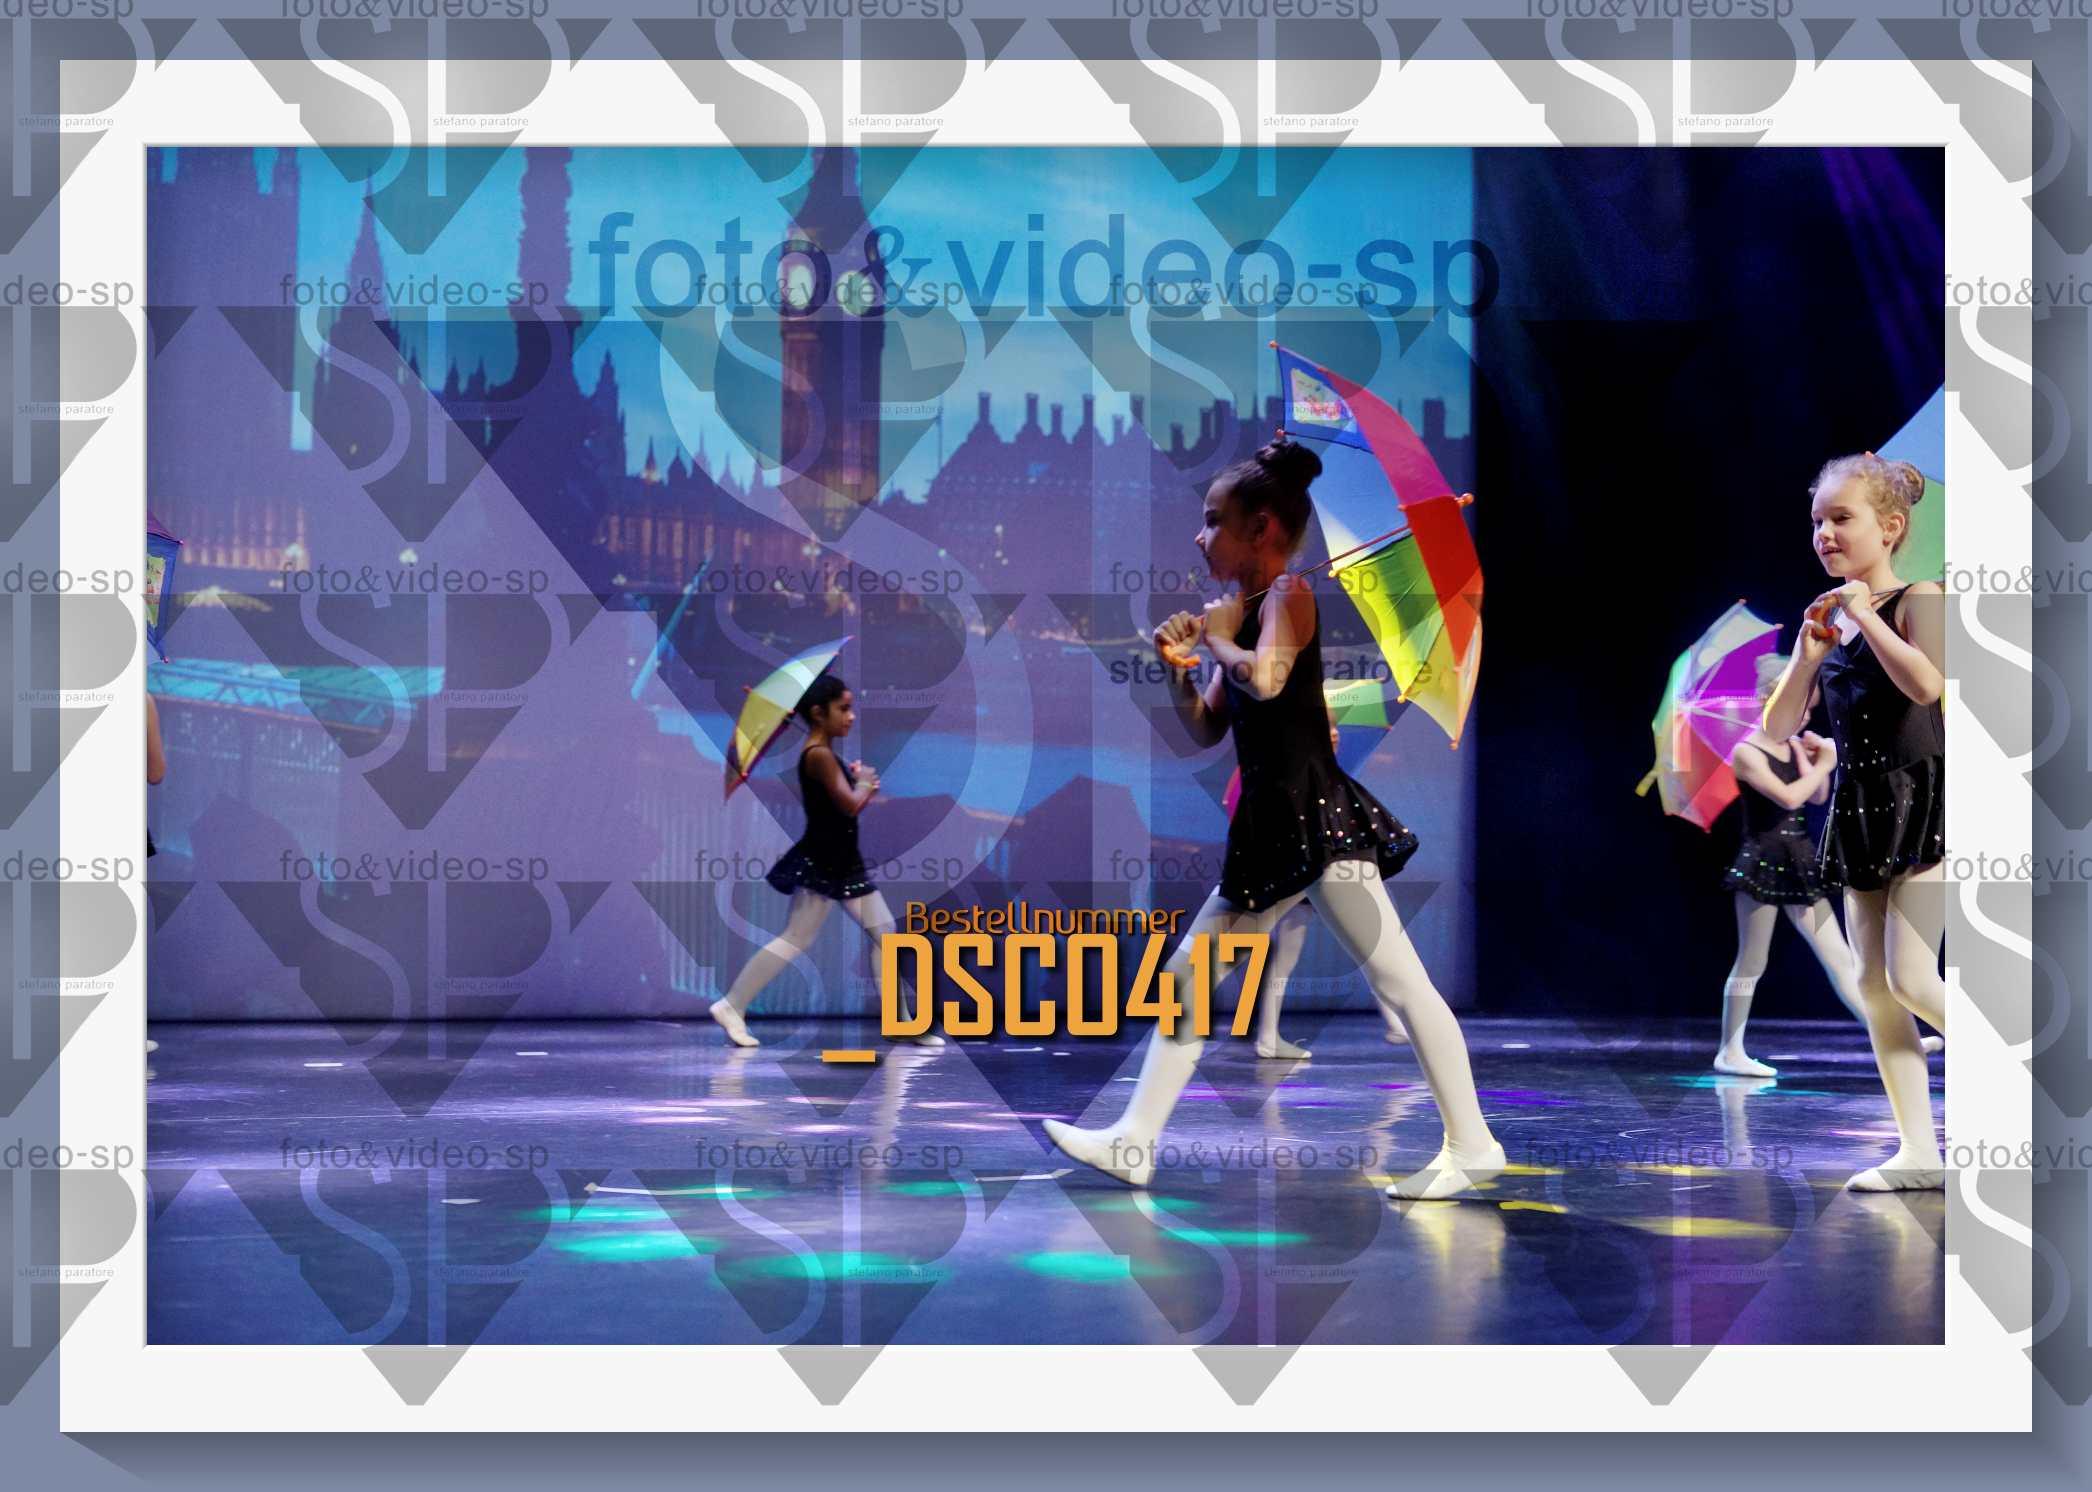 DSC0417